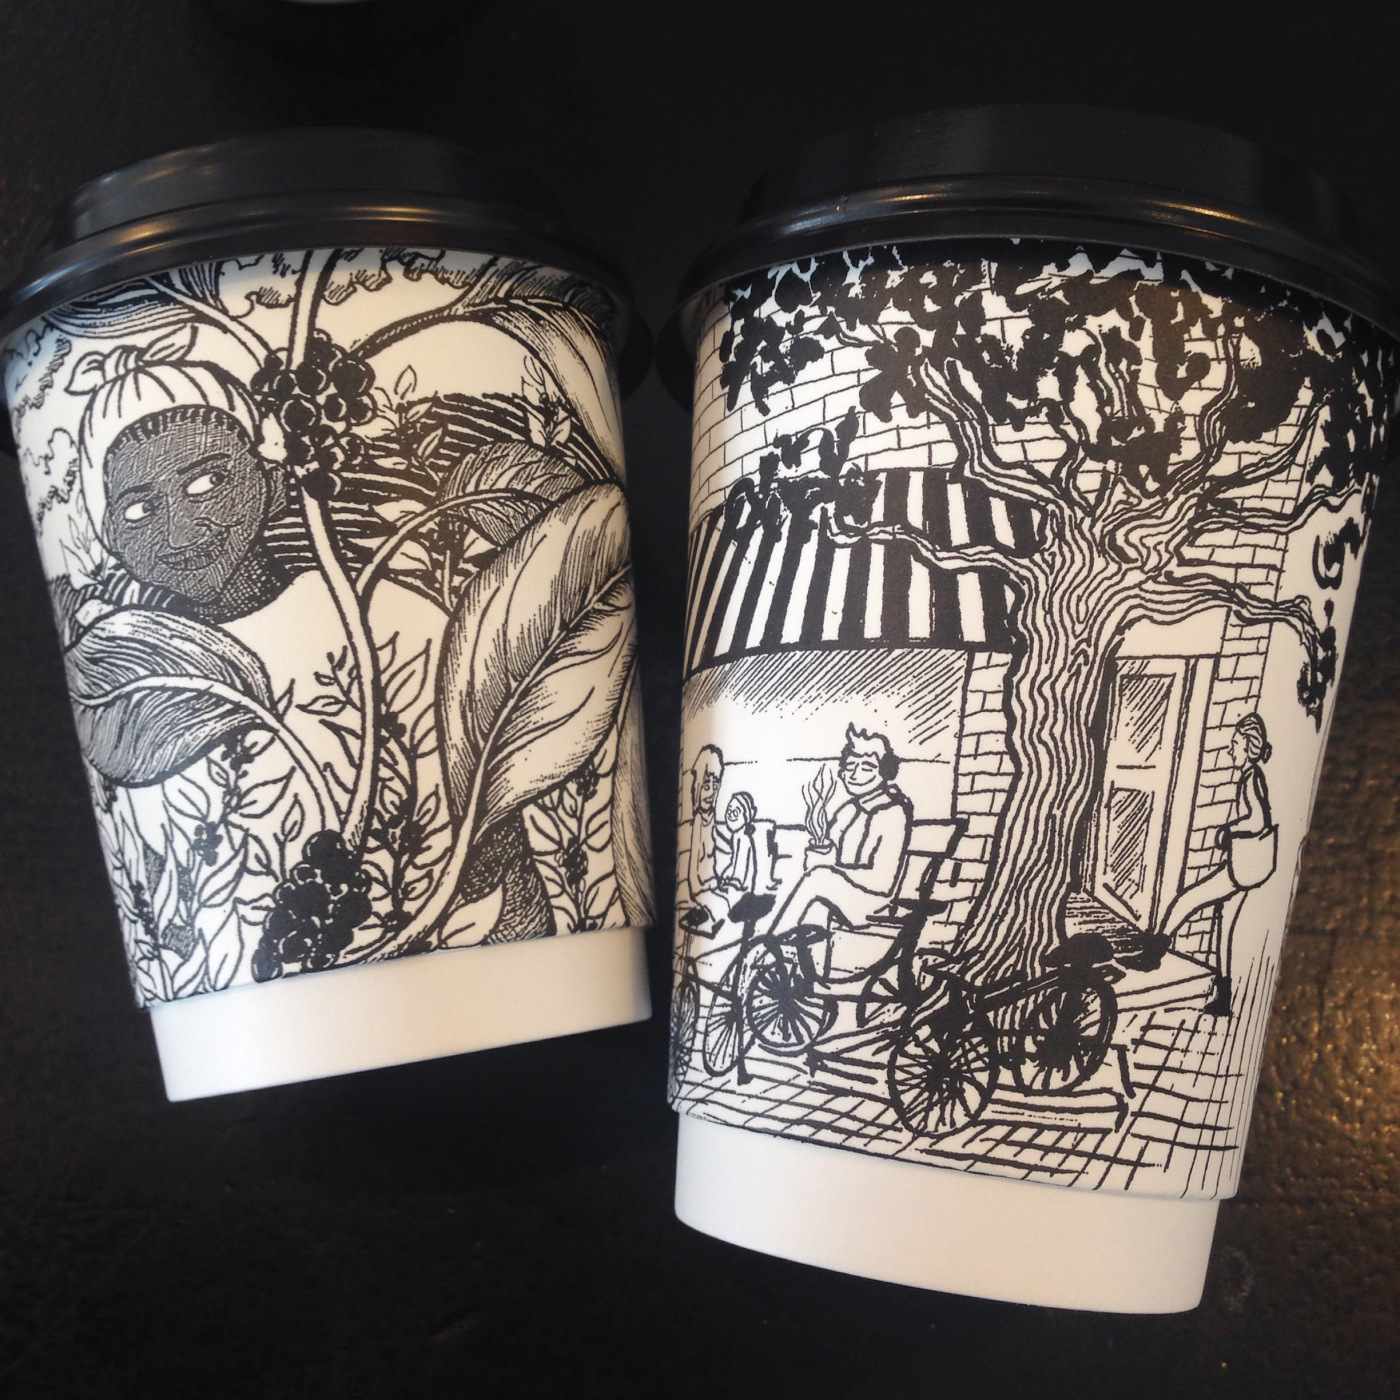 Kaffevaerk kopper.jpeg